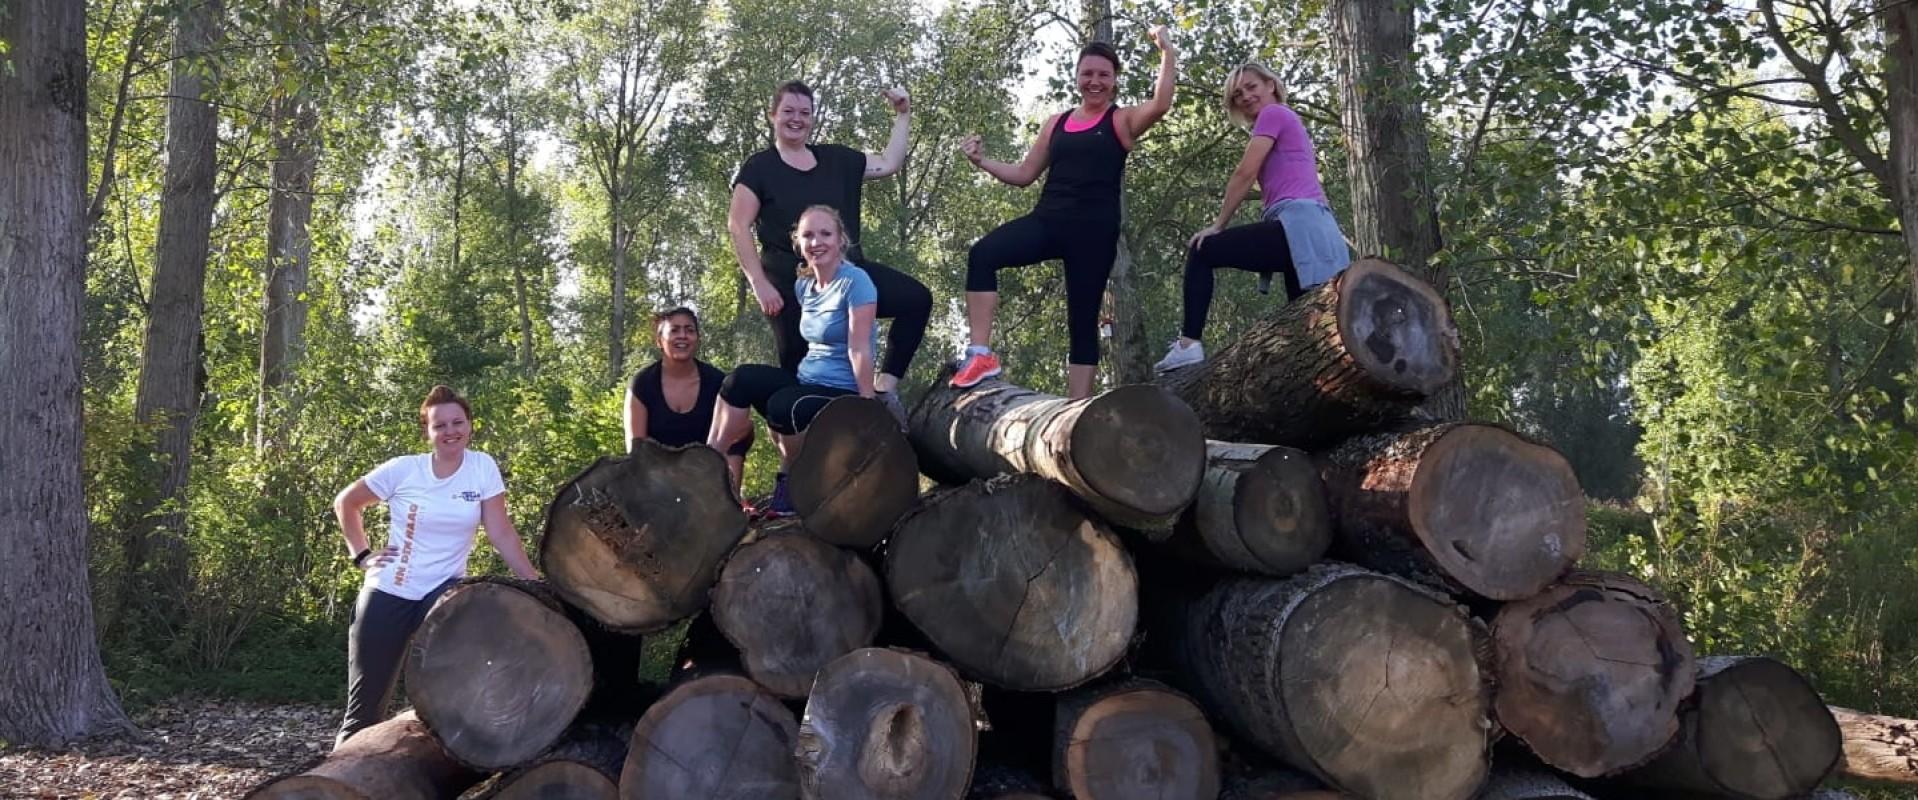 Coronaproof sporten in Schiedam